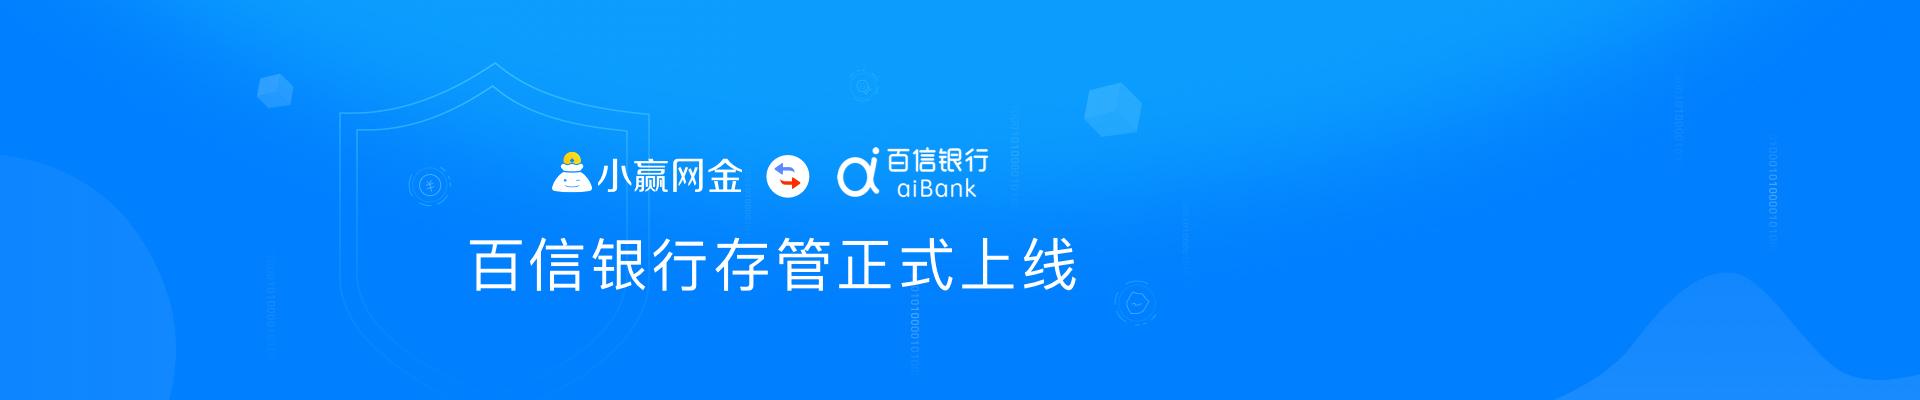 小赢理财正式上线百信银行存管